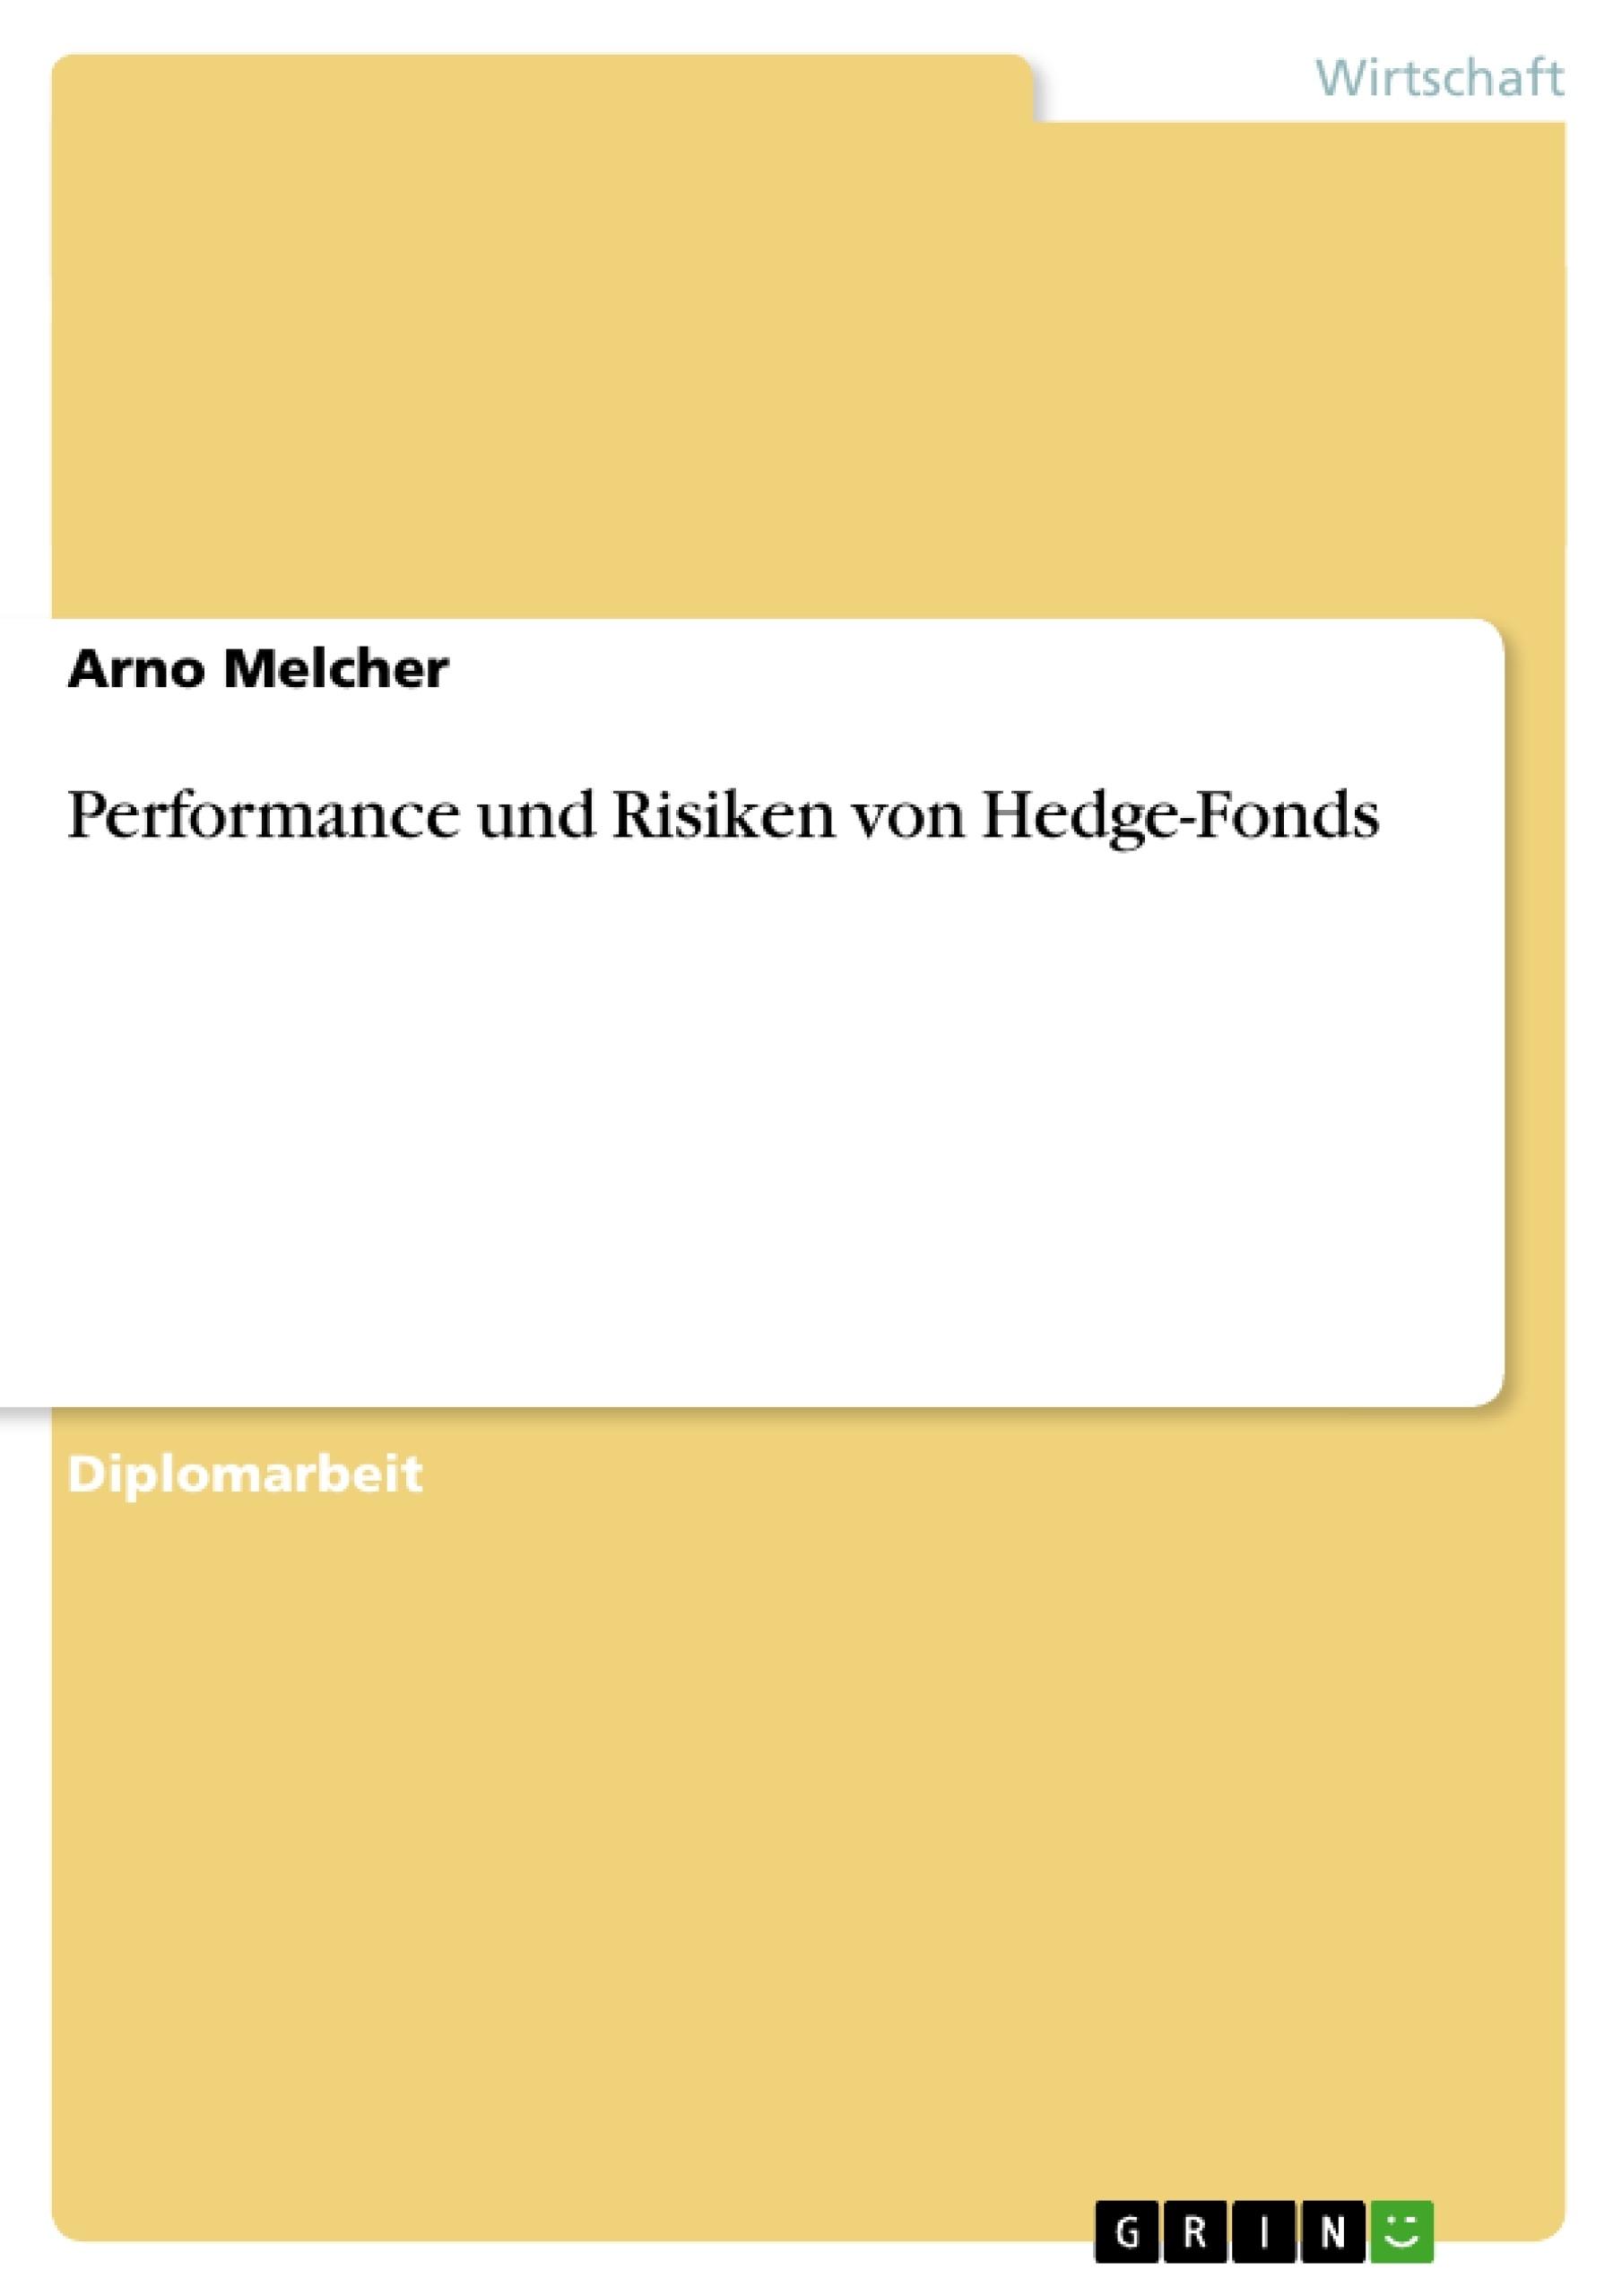 Titel: Performance und Risiken von Hedge-Fonds